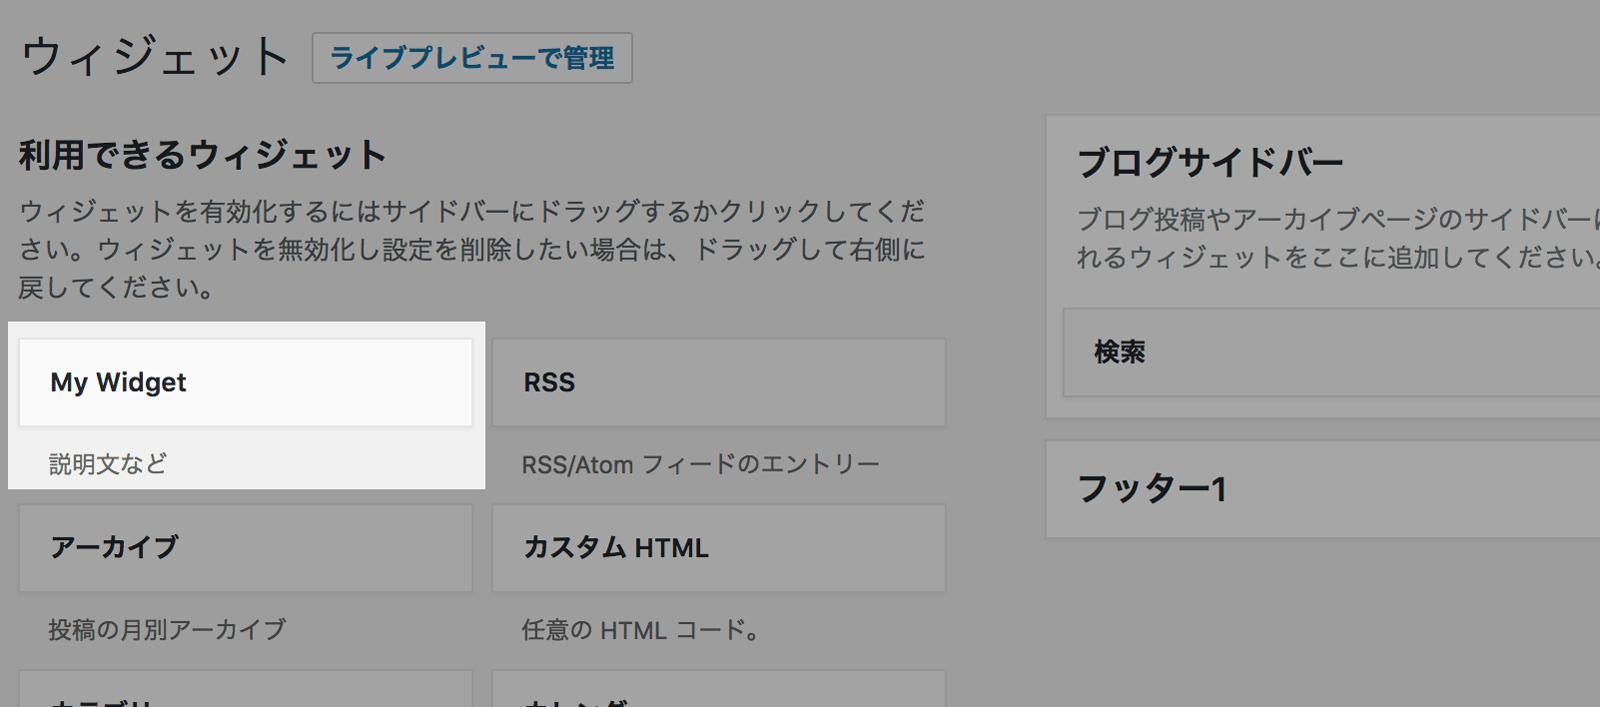 利用できるウィジェットの一覧から選んで使用する